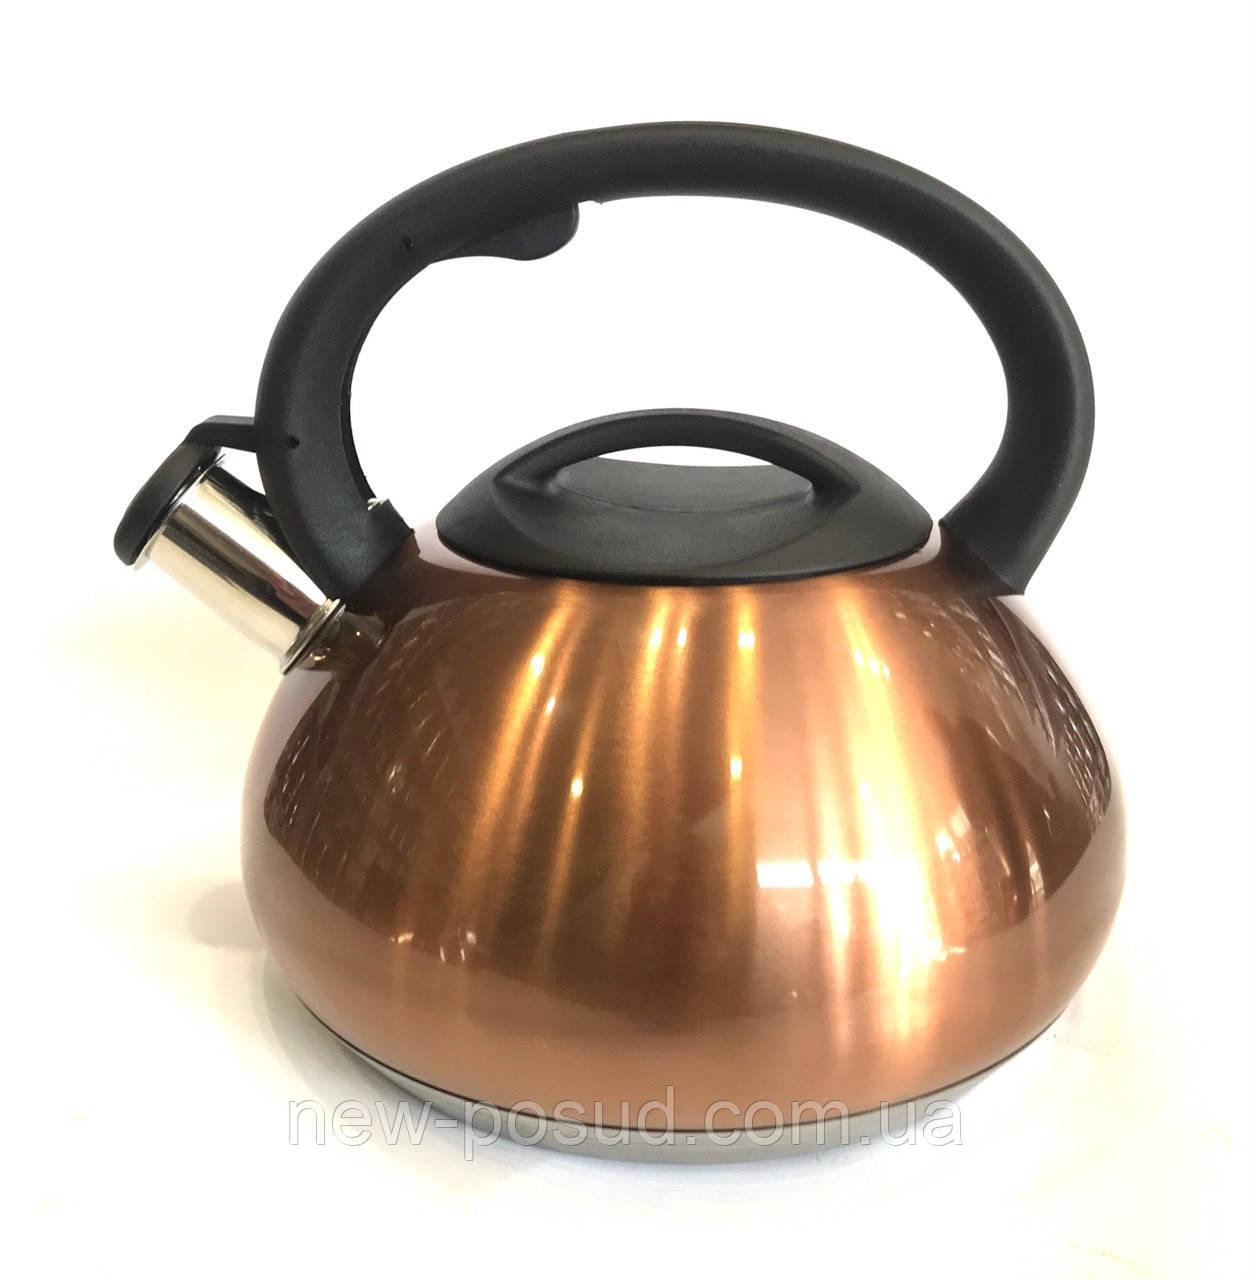 Чайник со свистком 3 л BN-713